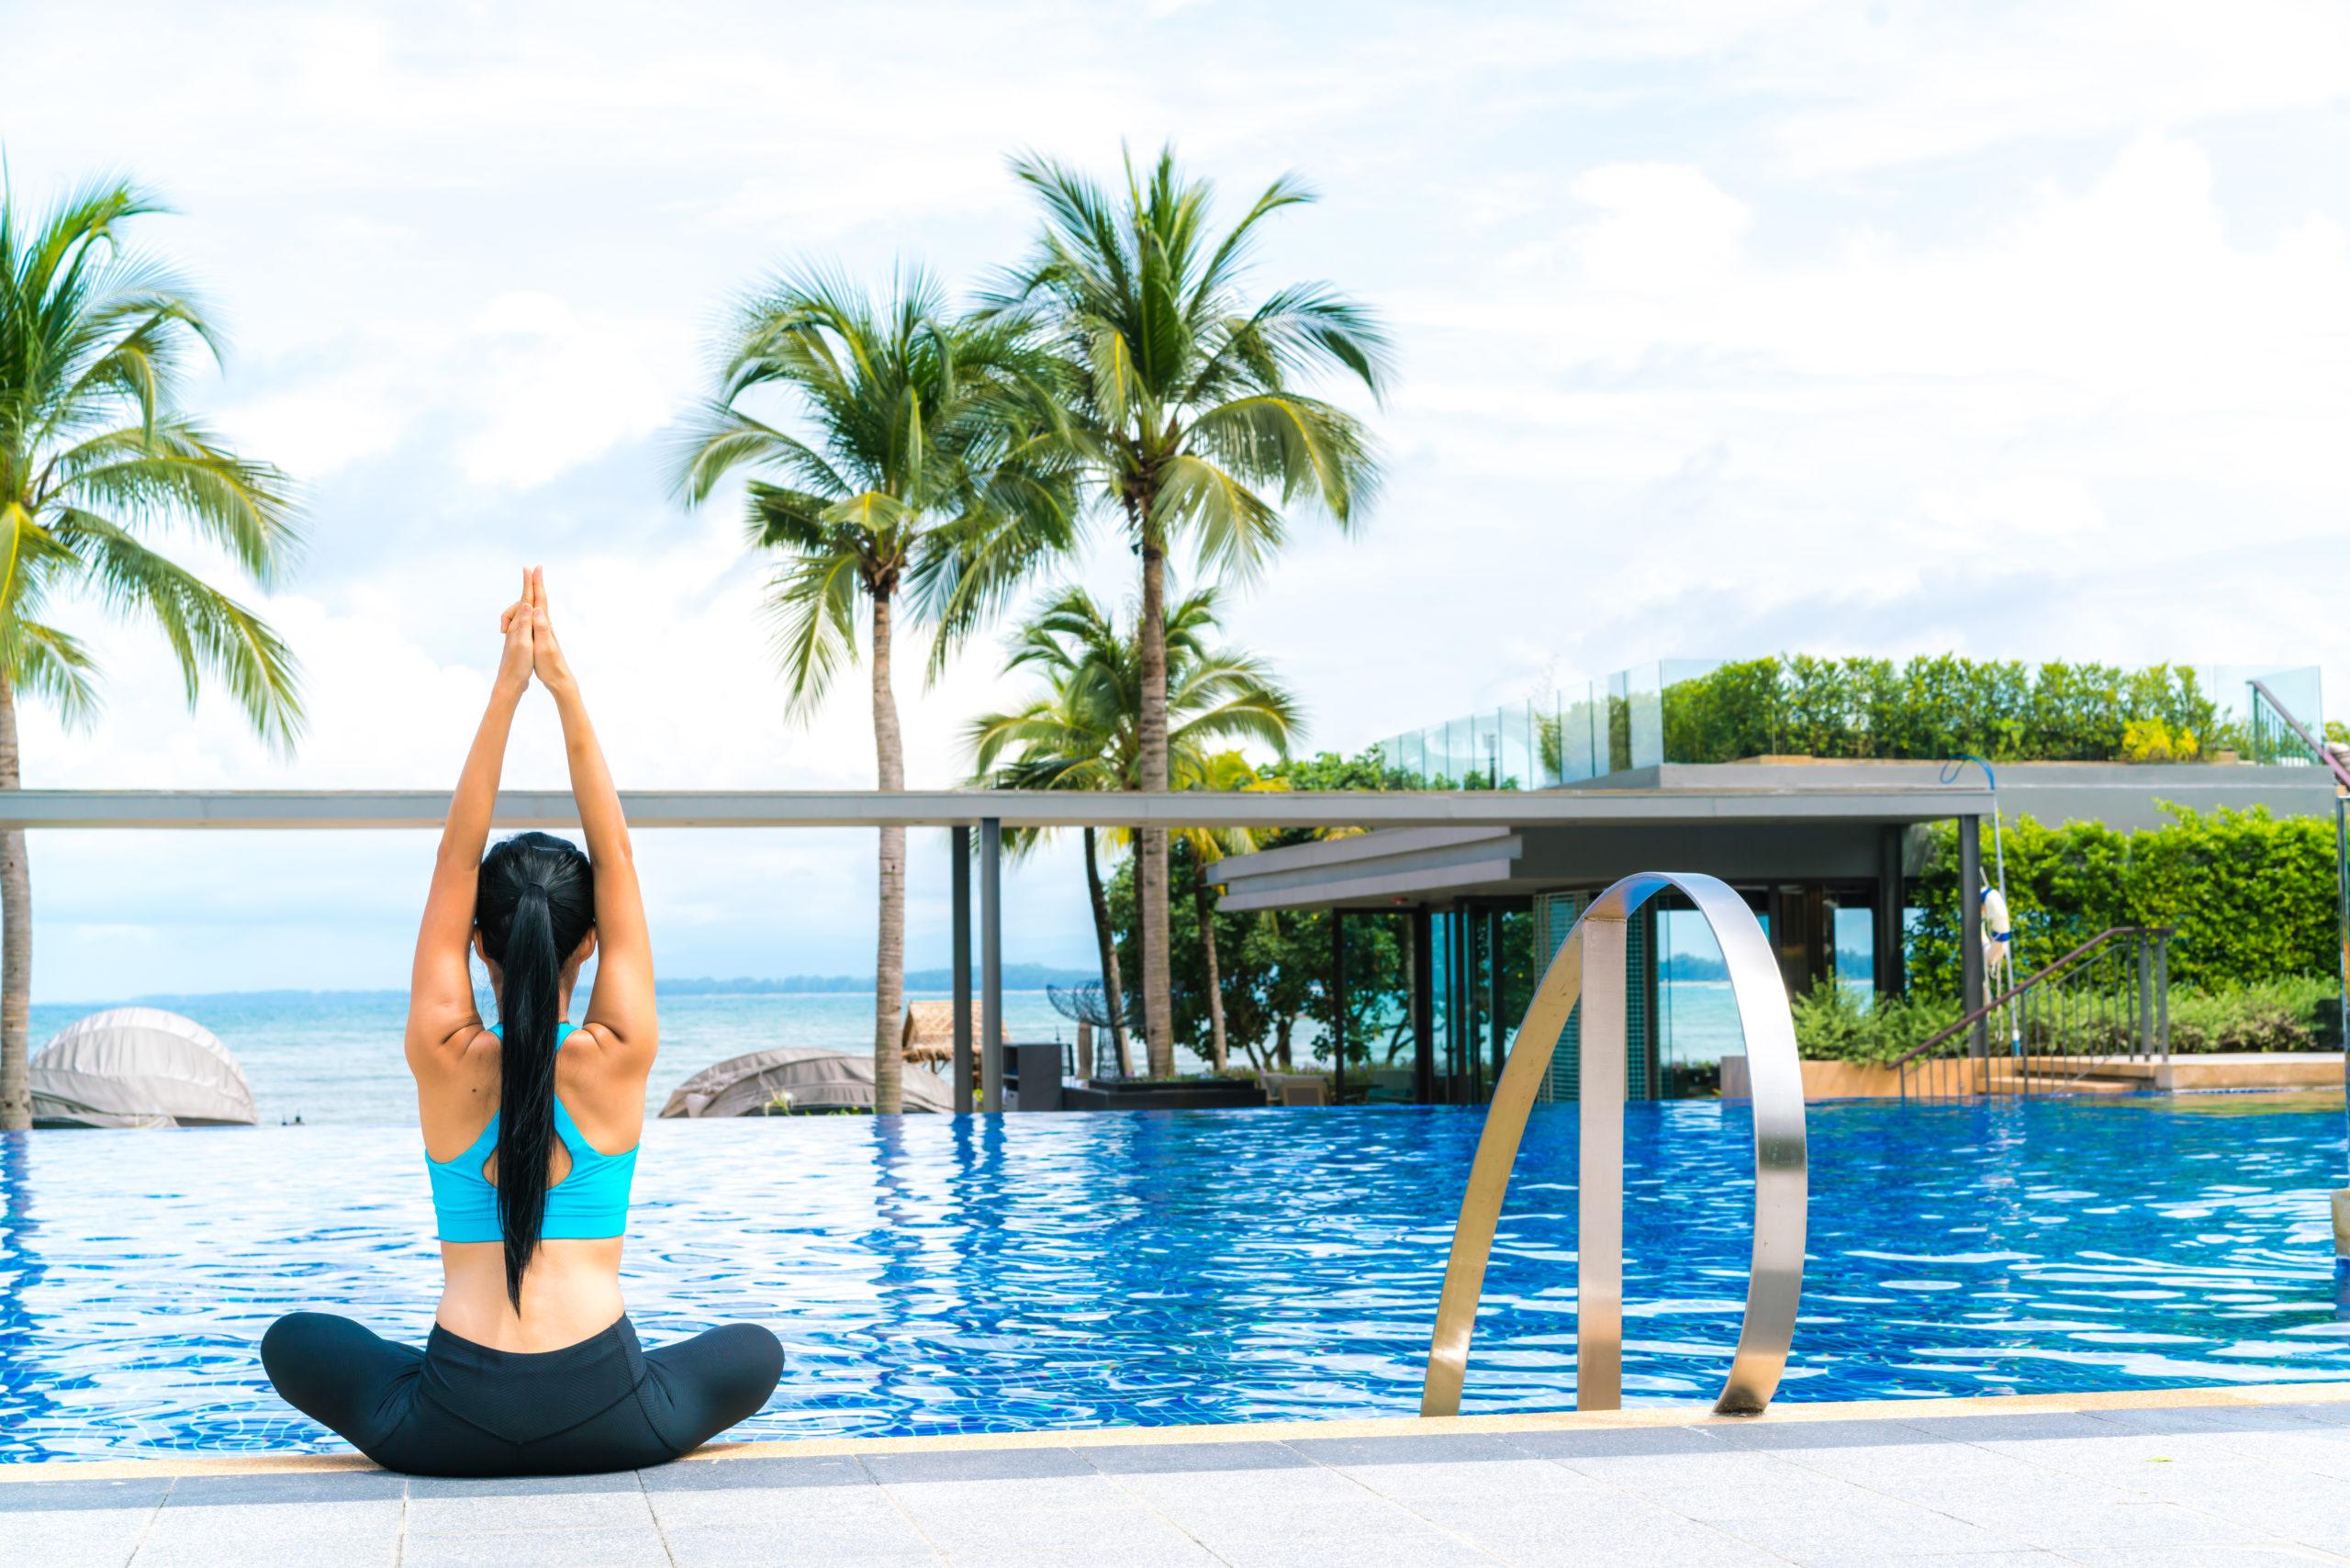 Aqua fitness and yoga